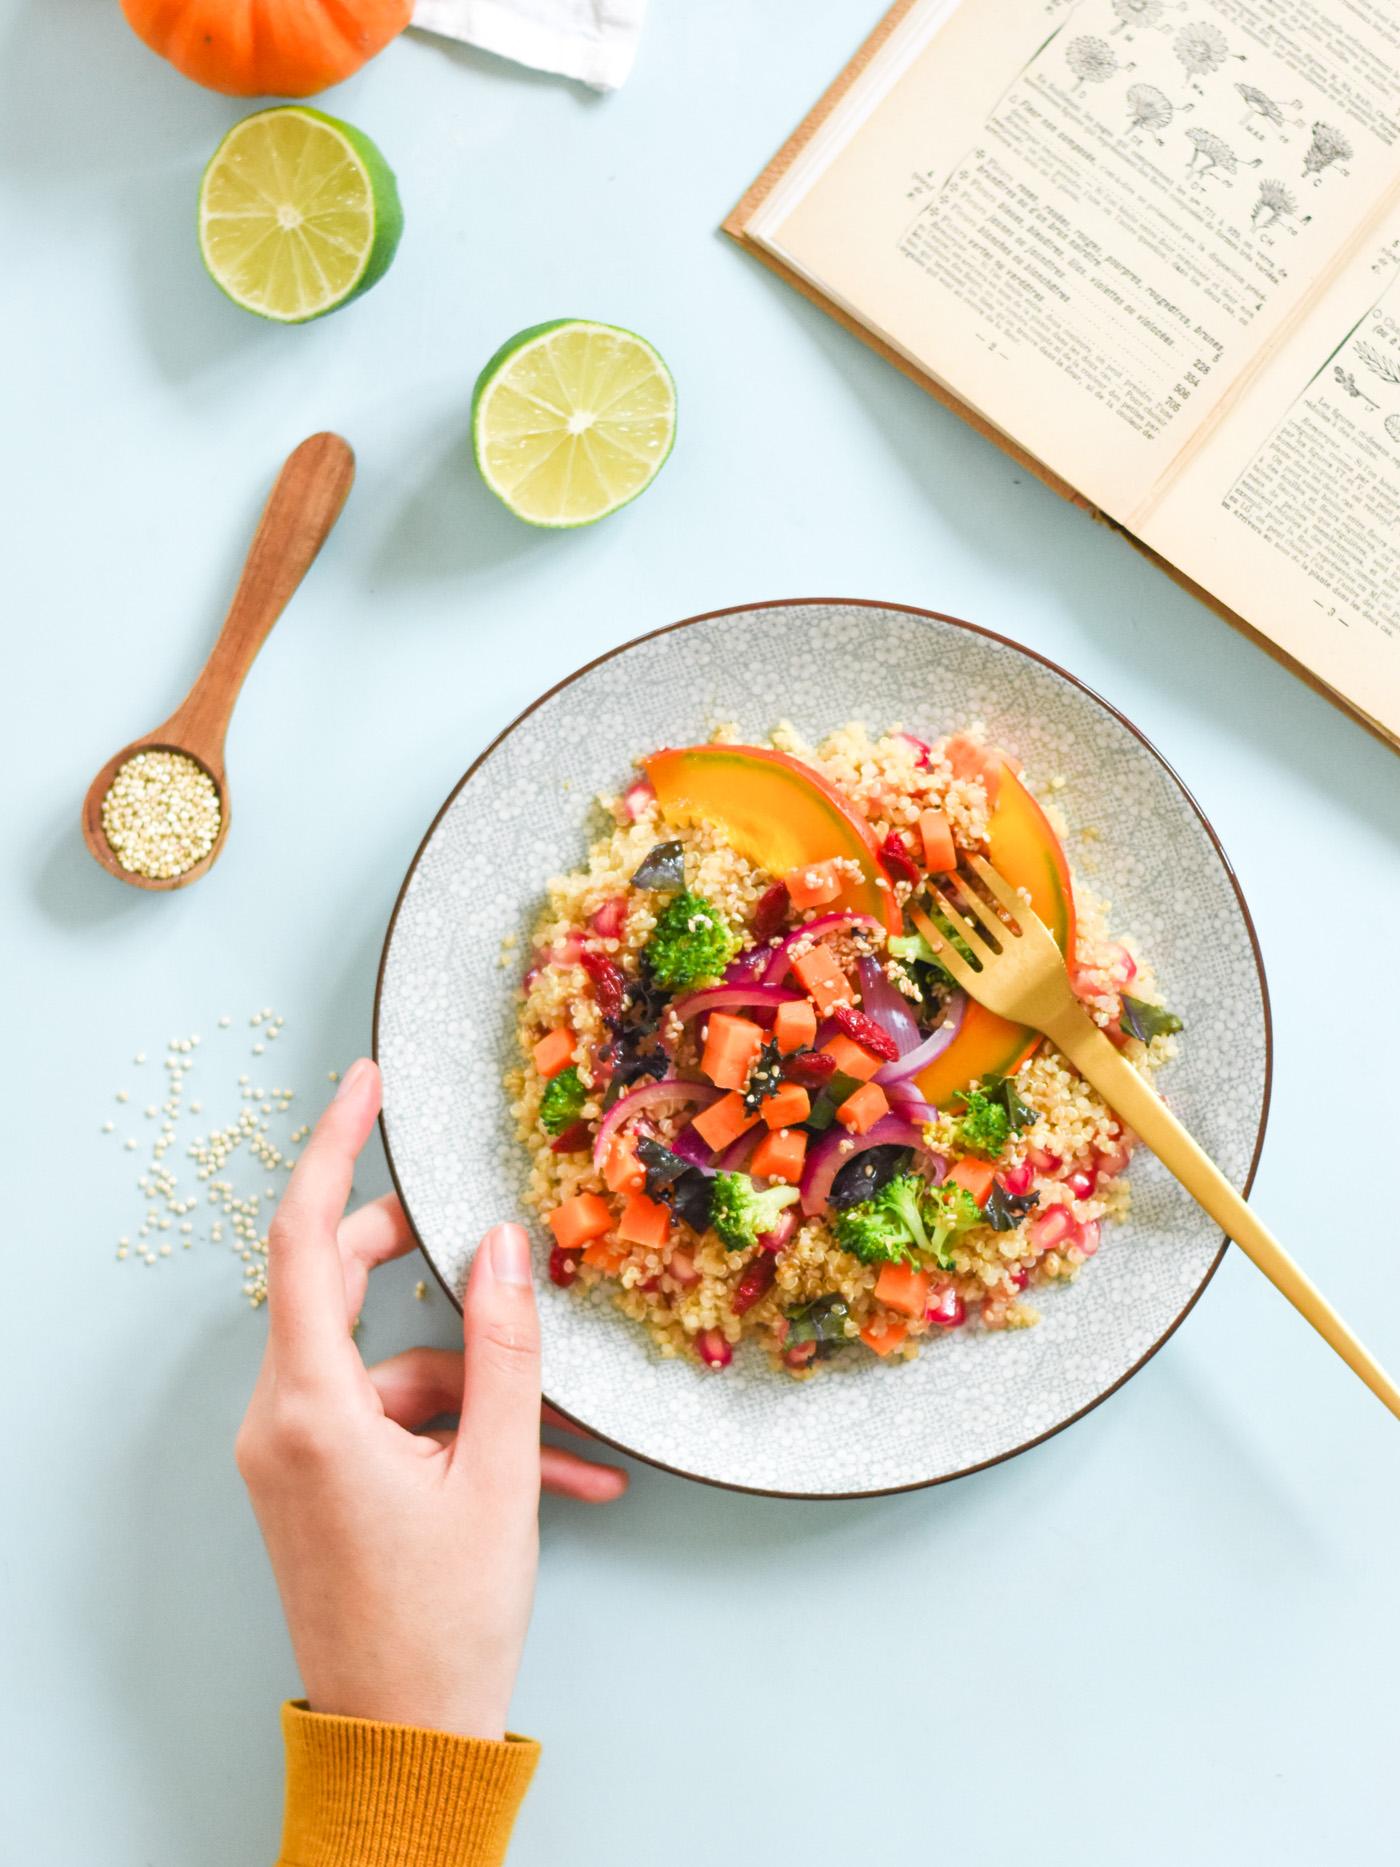 Leaf • Recette de couscous de quinoa aux légumes d'automne (Cuisson au Vitaliseur de Marion) - Vegan & Sans Gluten